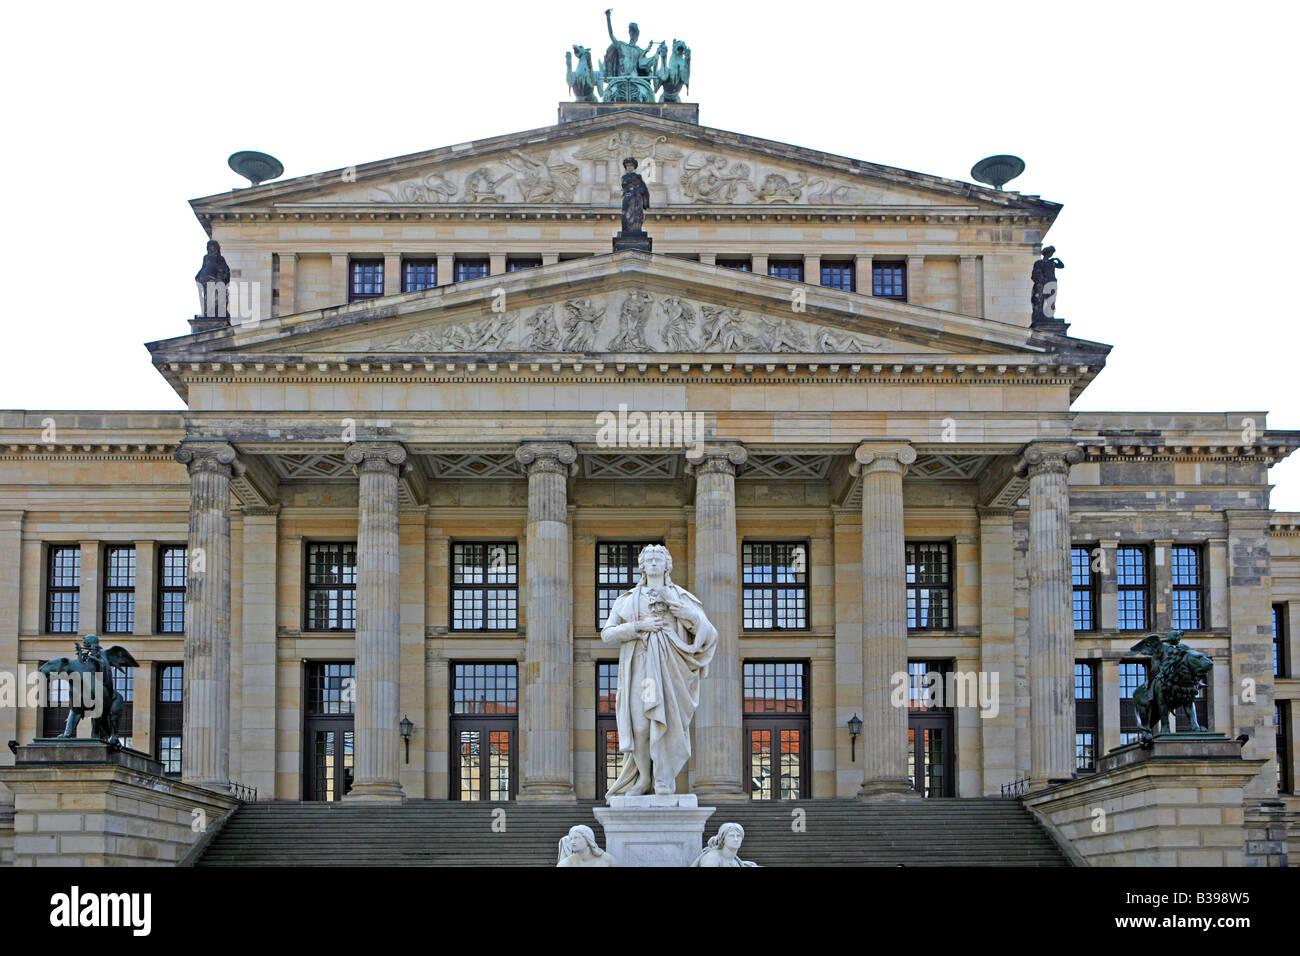 Deutschland, Berlin, Konzerthaus Und Schillerdenkmal bin Concert Hall Gendarmenmarkt Berlin, Gendarmenmarkt und Stockbild